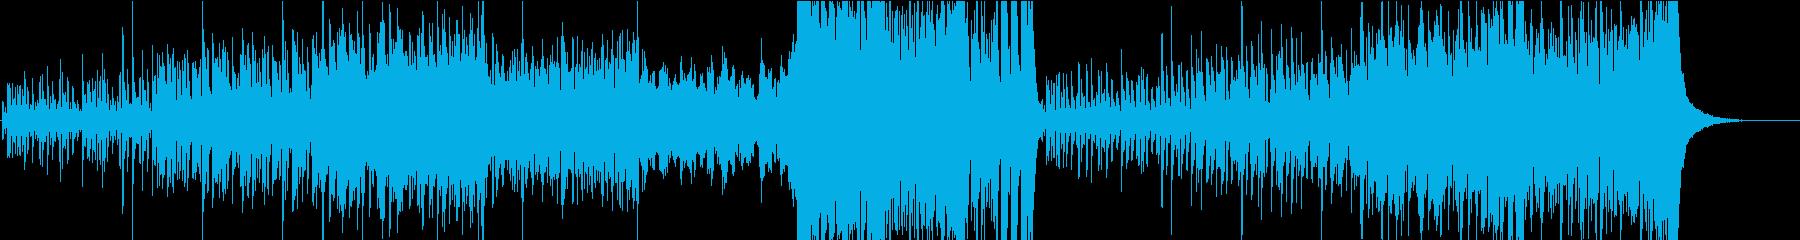 アジアン調のほのぼのとしたBGMの再生済みの波形